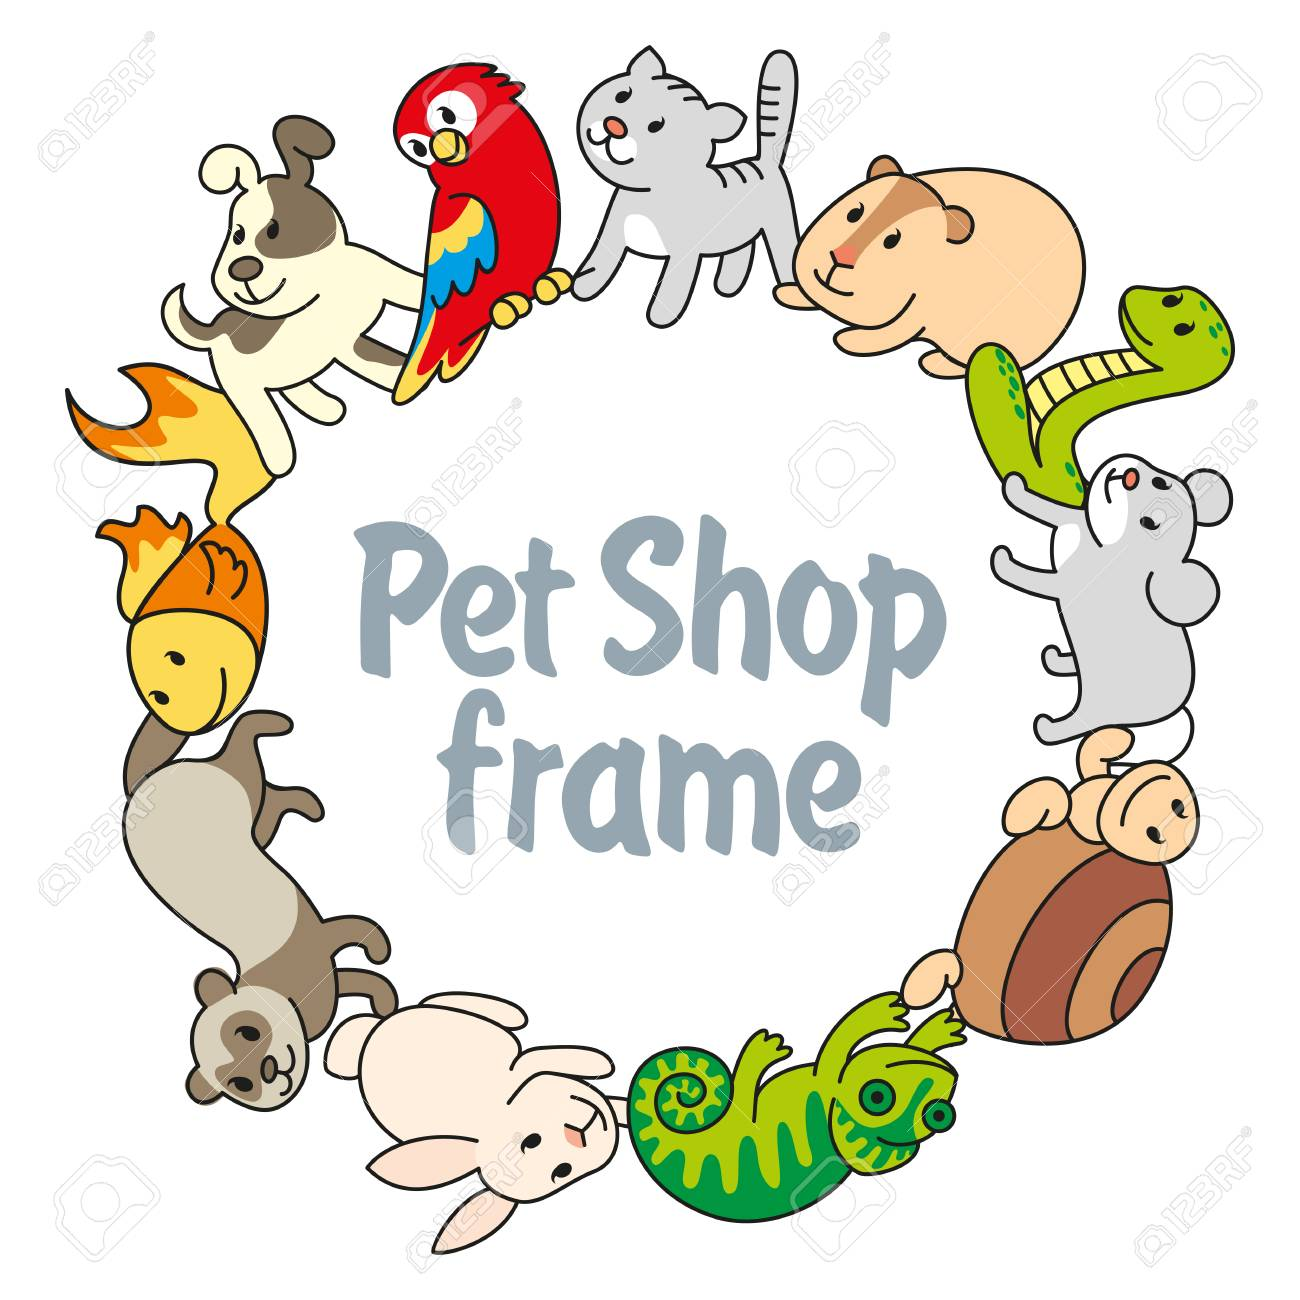 ラウンド フレーム ペット ショップペット各種イラストの動物を漫画